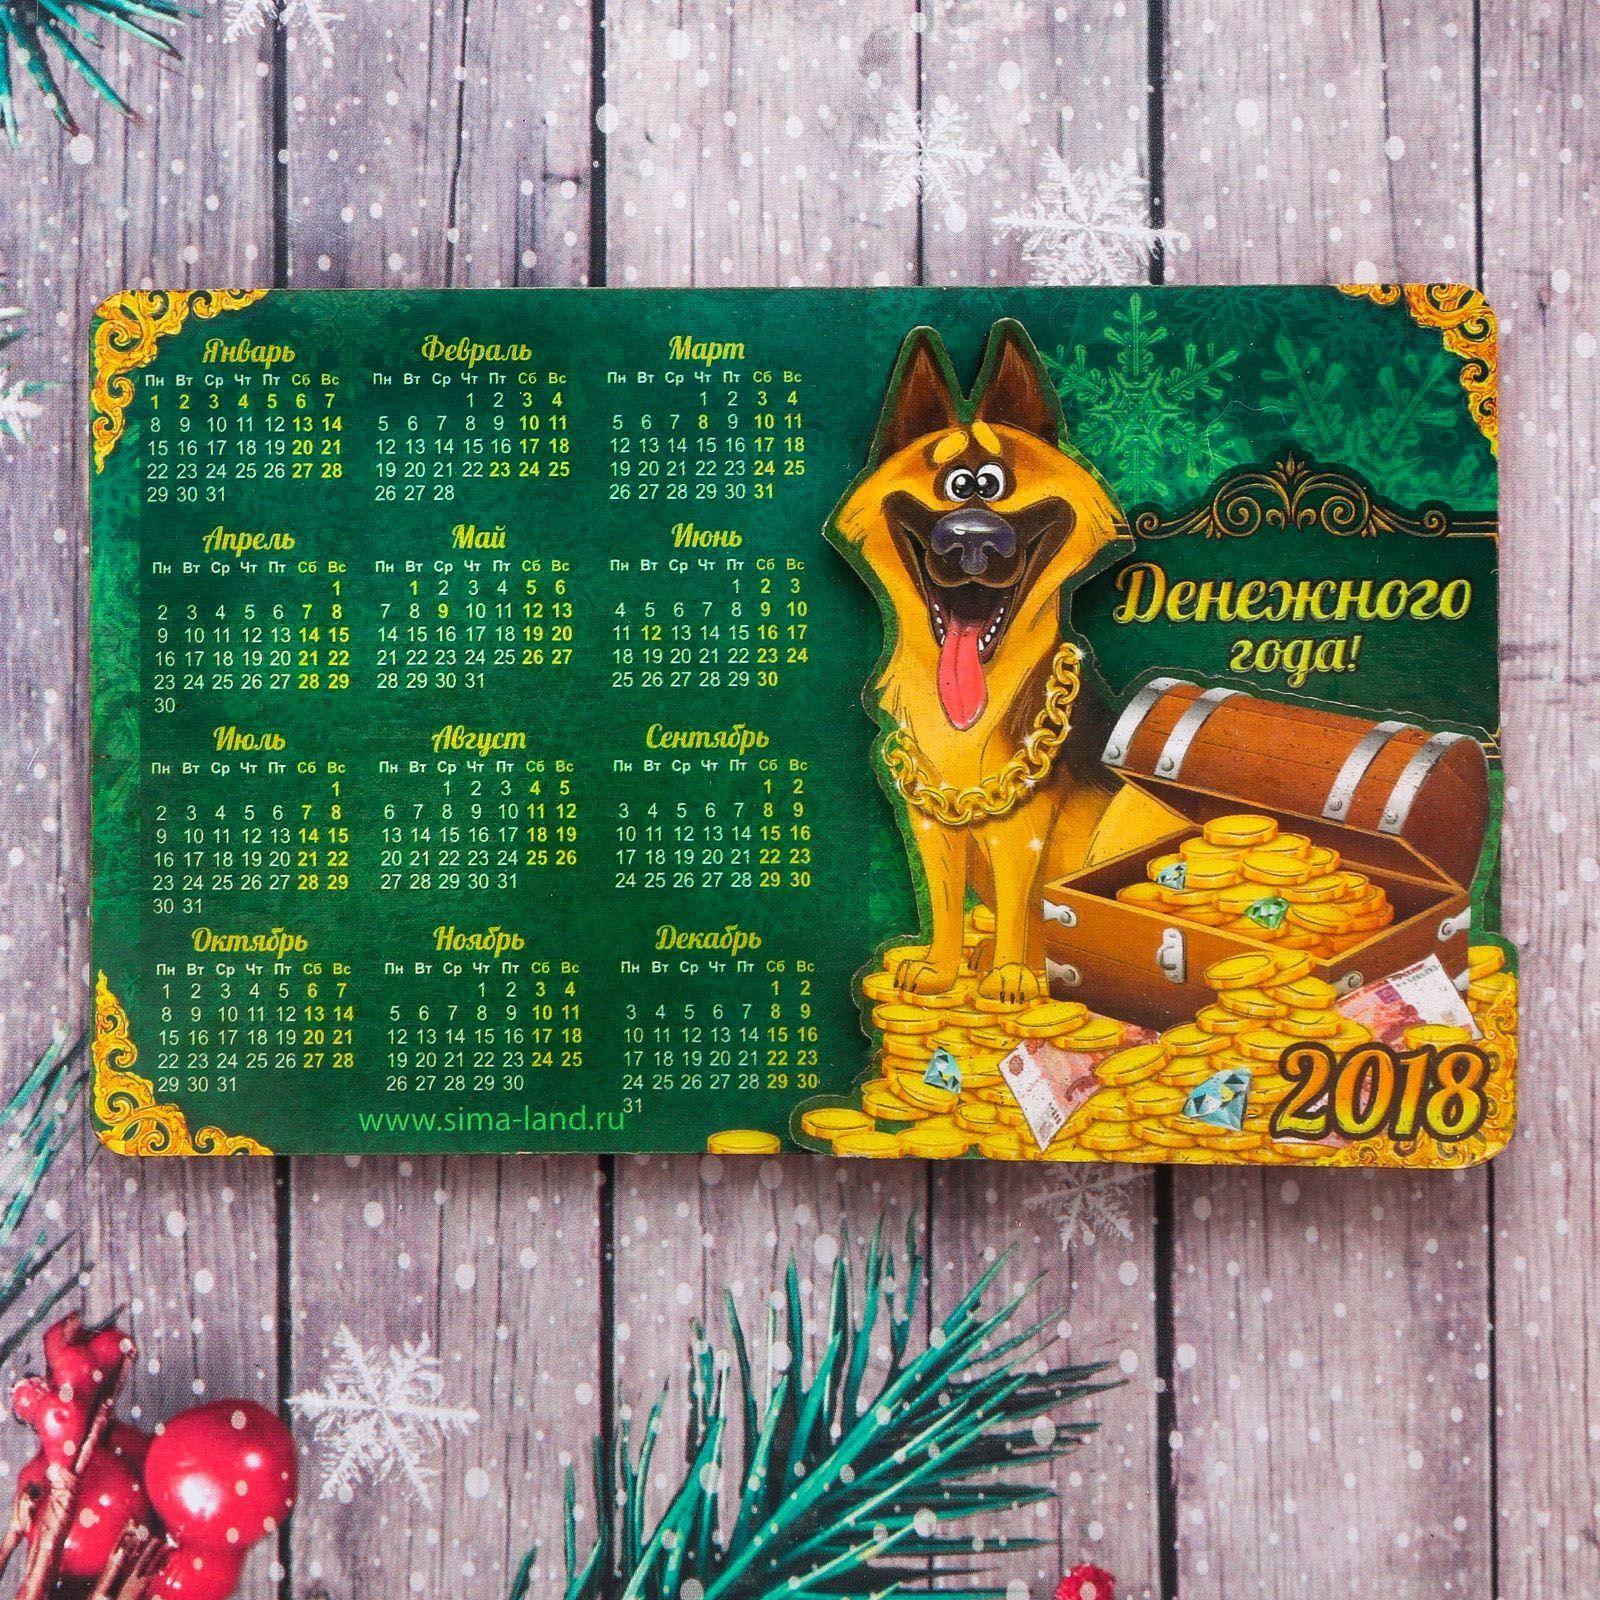 Магнит Sima-land Денежного года, с календарем, 13 х 8 см свеча ароматизированная sima land лимон на подставке высота 6 см